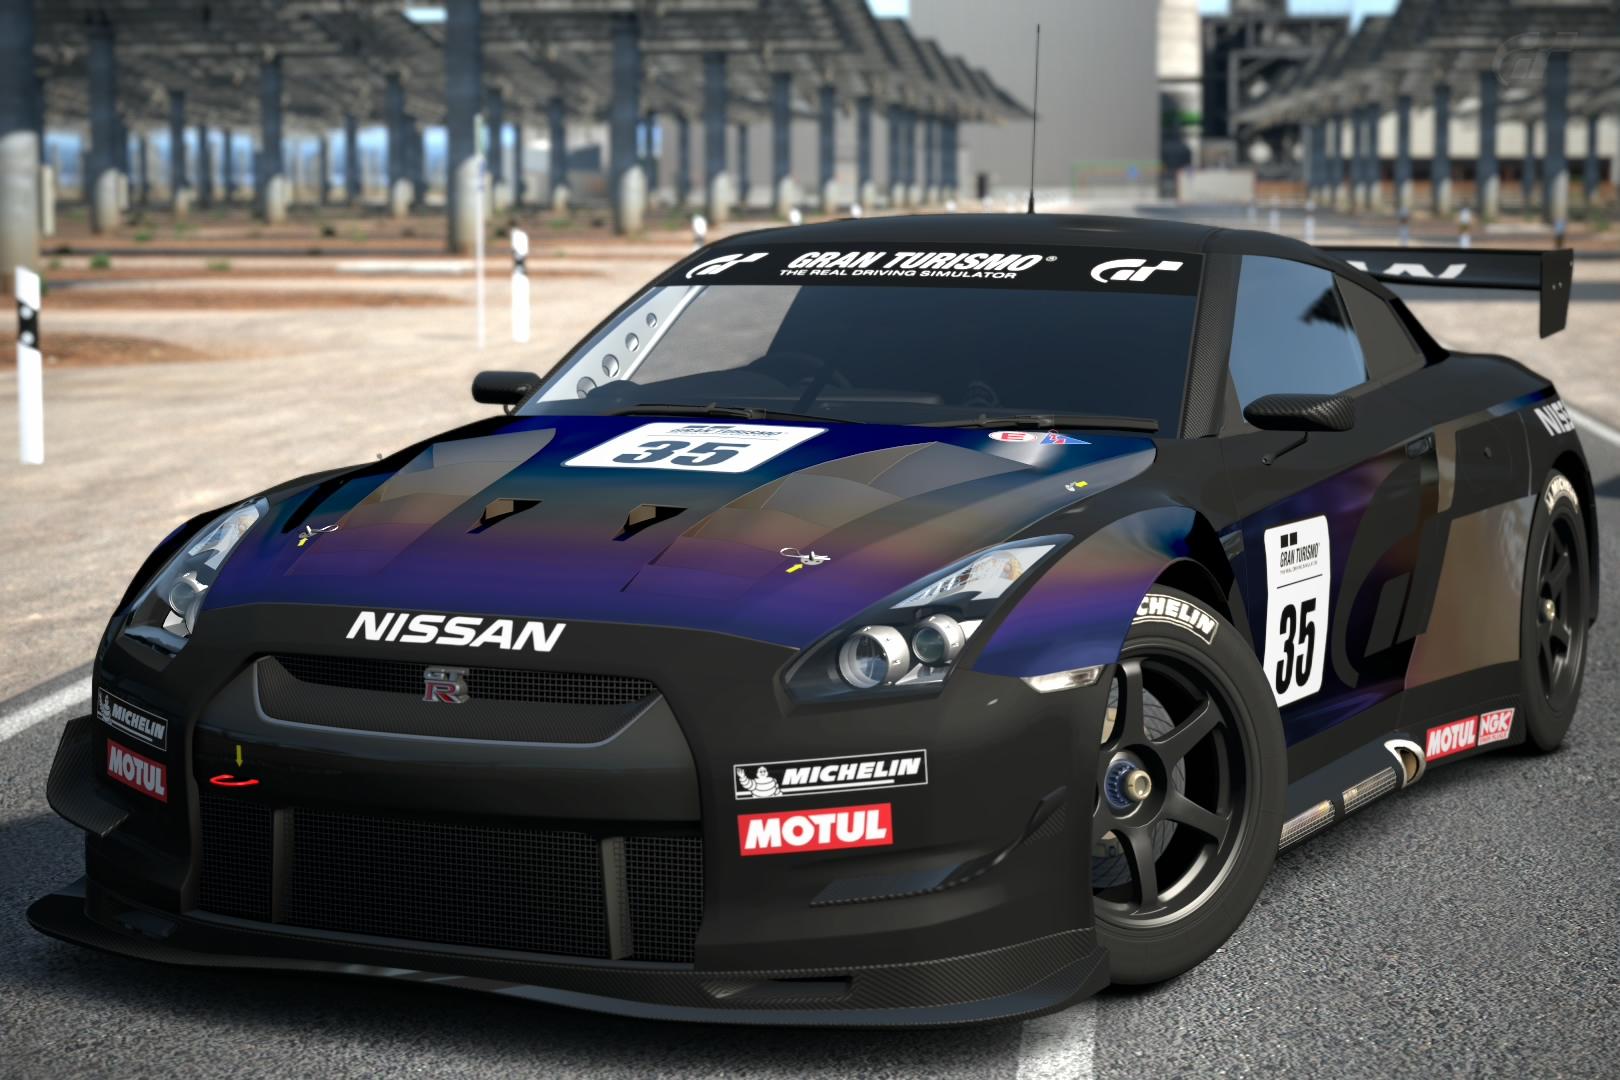 Nissan Gt R R35 Touring Car